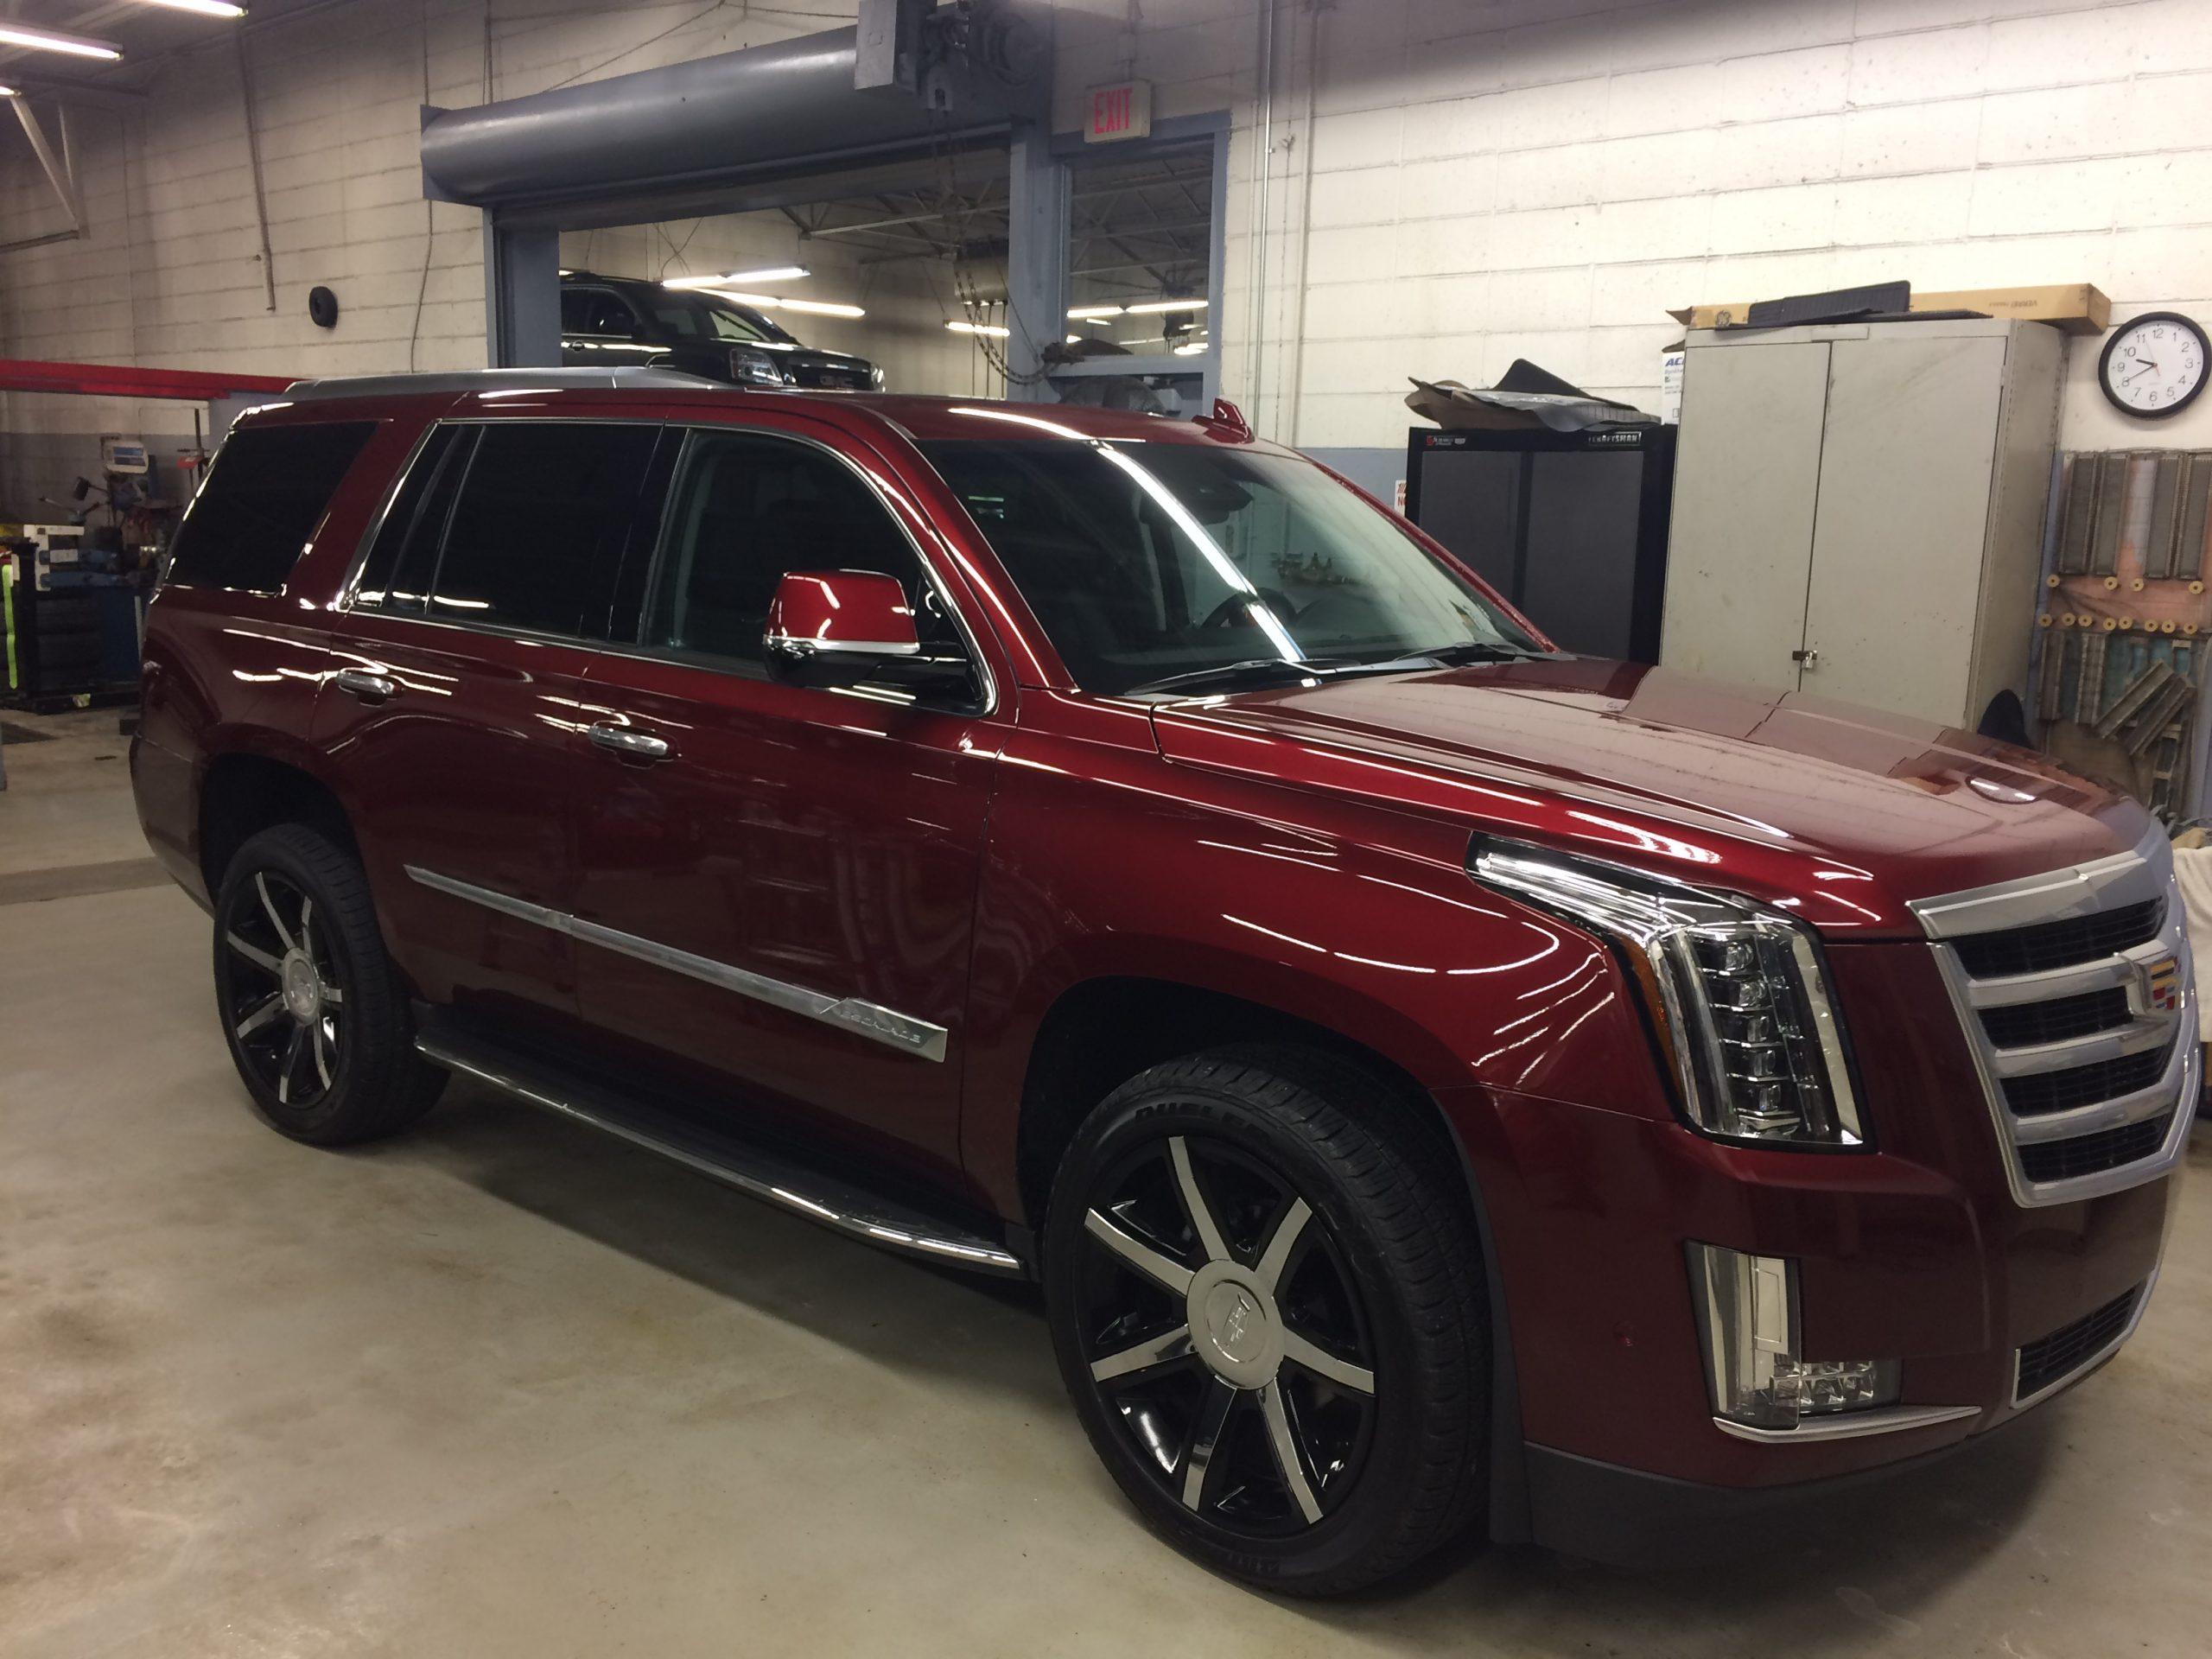 Cadillac Escalade - before